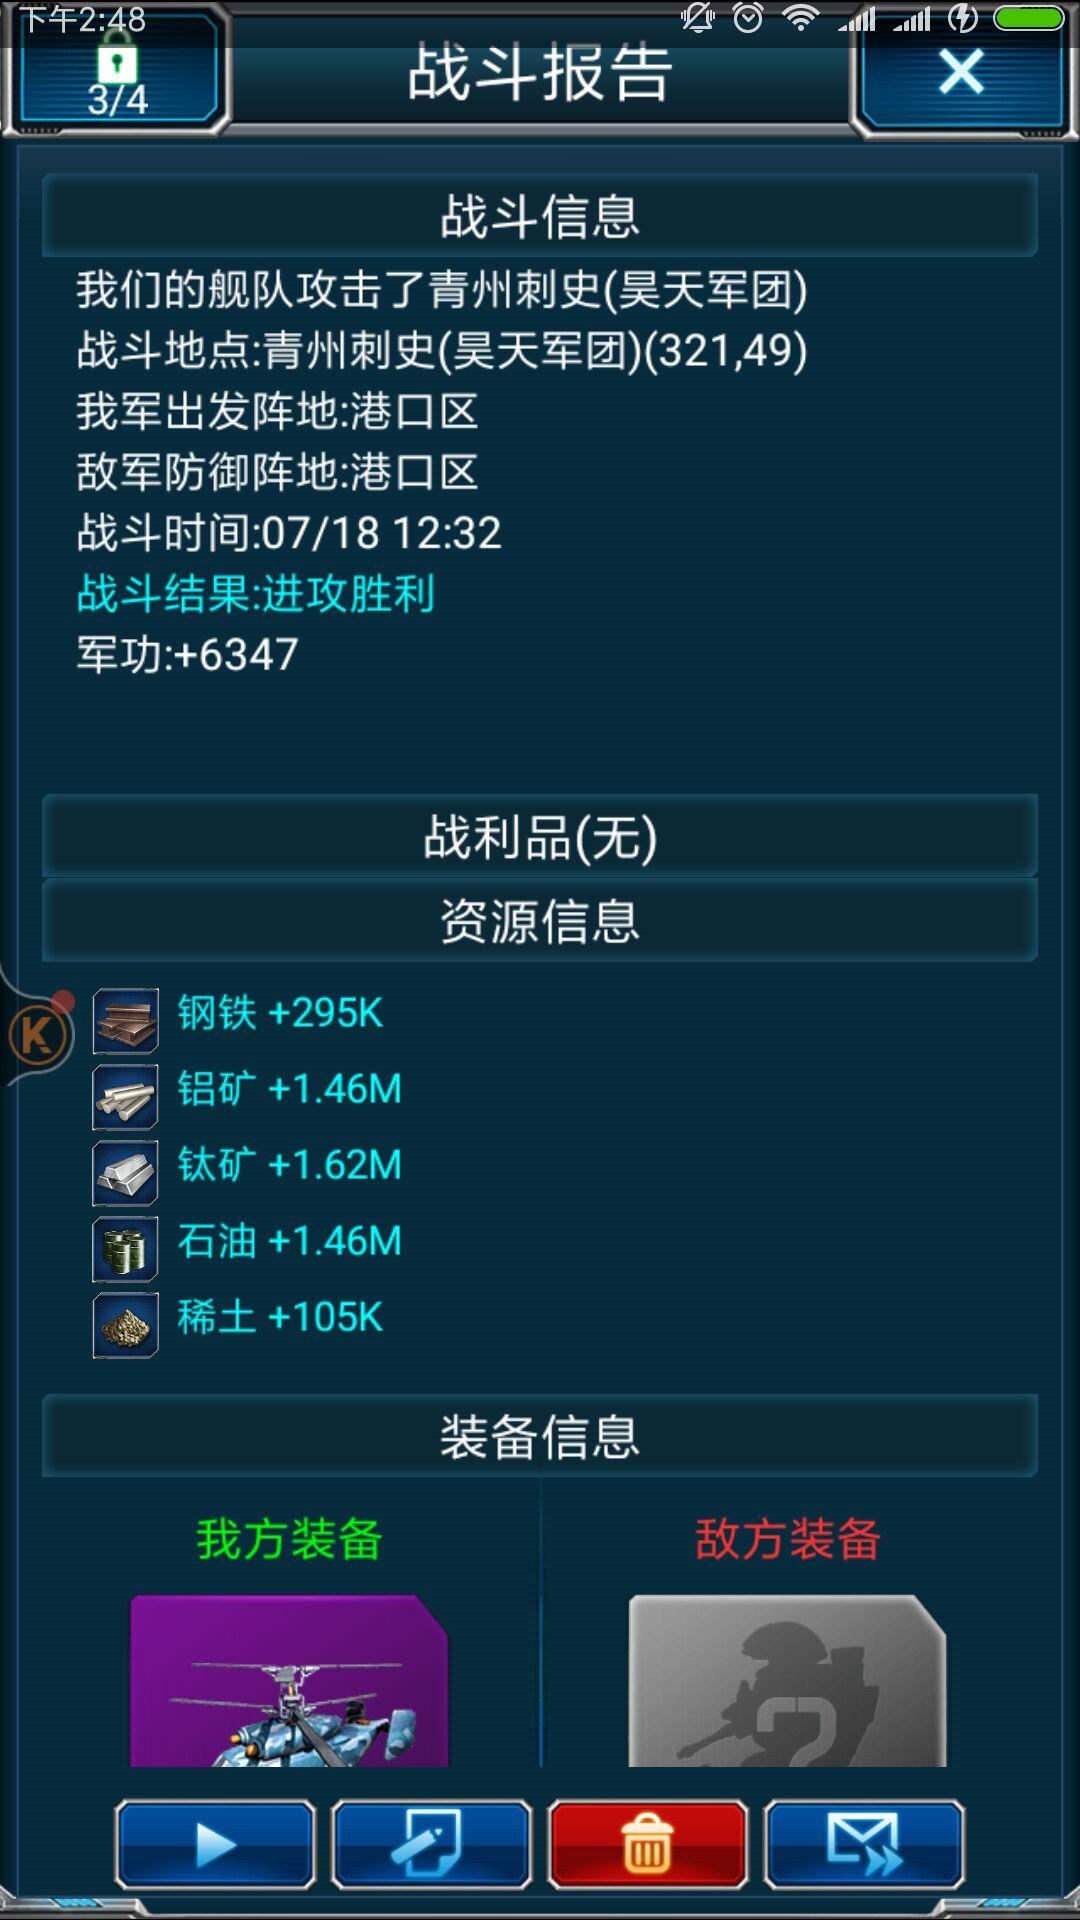 8a0c7e1706ebecc5de2a0aea11fd0b42.jpg